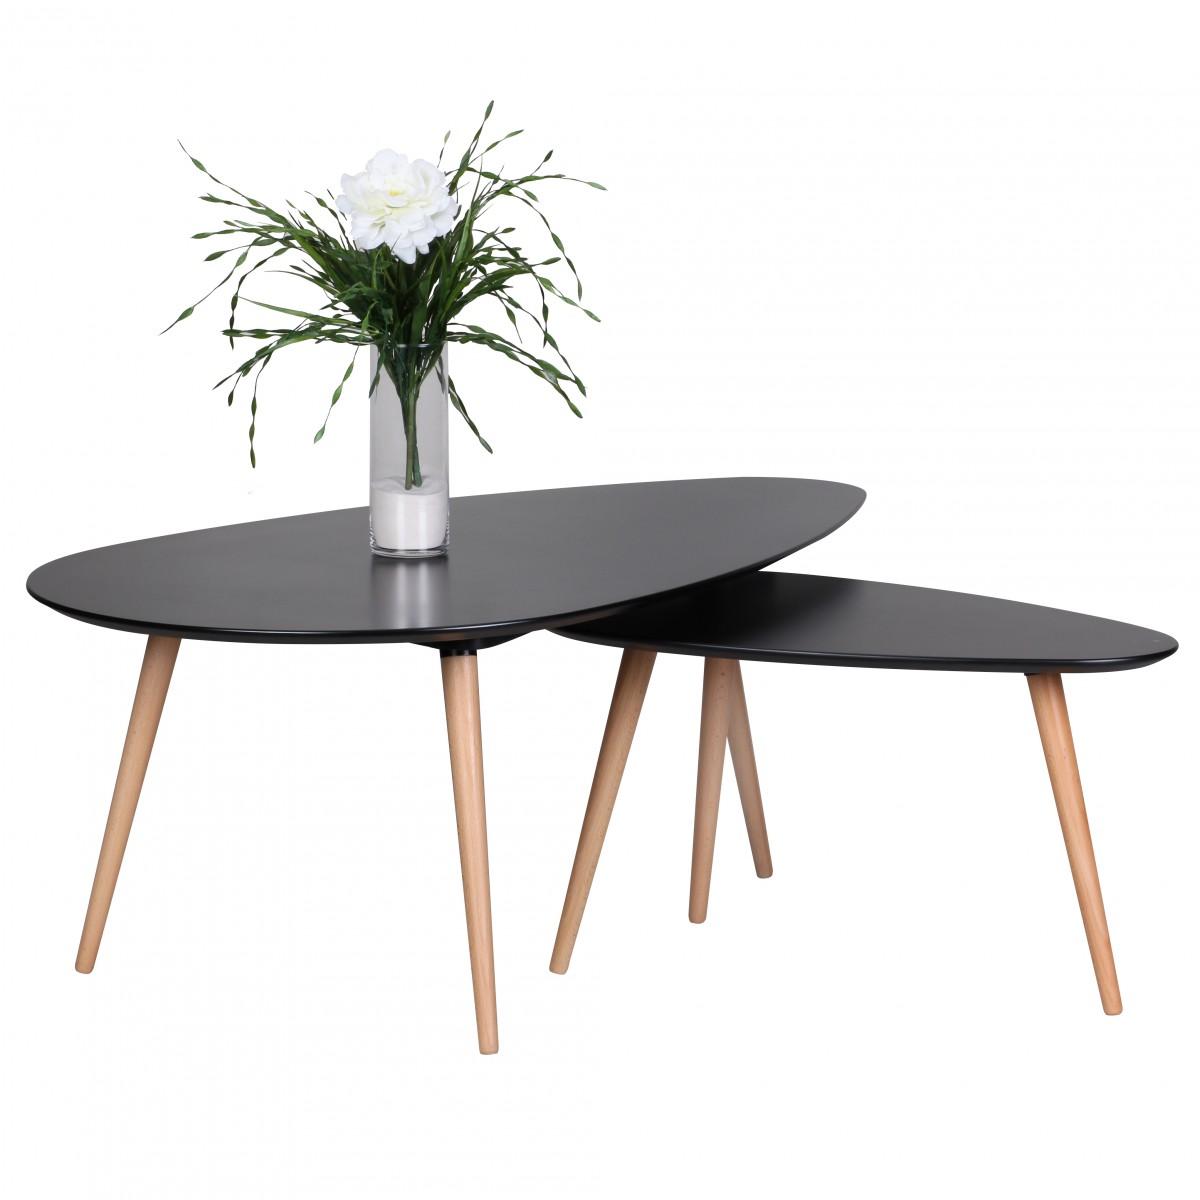 Konferenční stolky Scanio, sada 2 ks, černá/dub